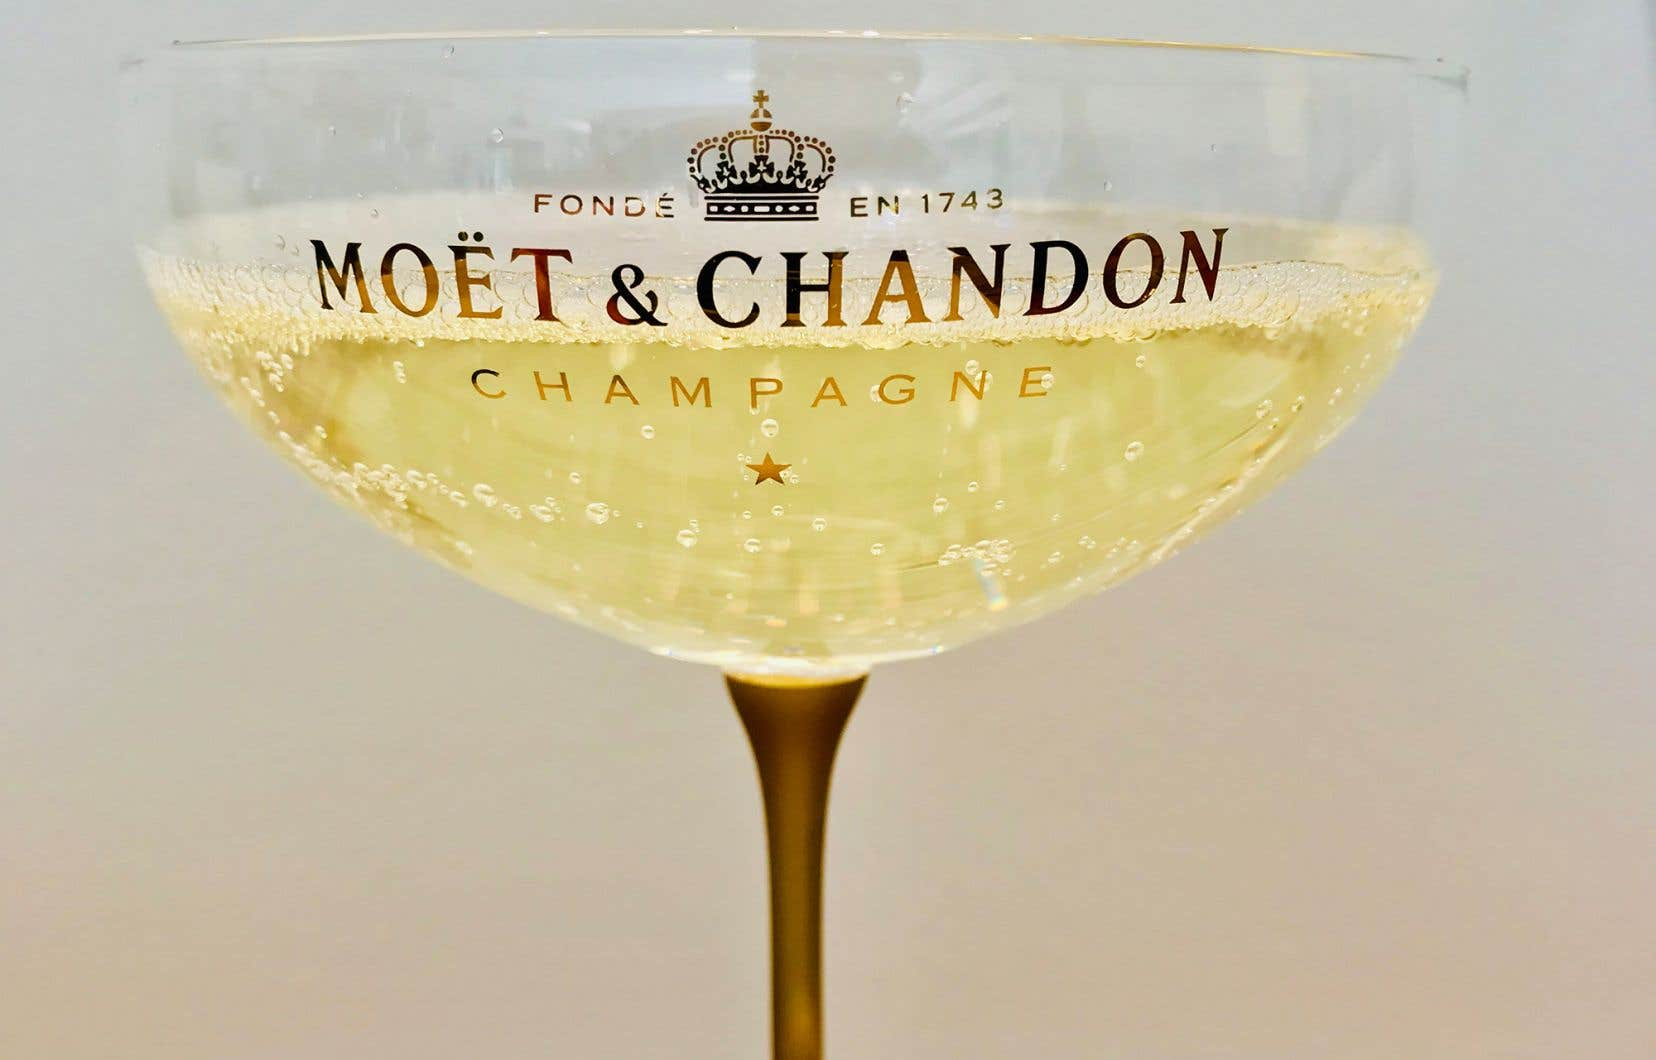 L'écrivain anglais Henry Vizetelly situe l'apparition de la coupe à champagne au début de l'ère victorienne en Angleterre et sous la Monarchie de Juillet en France, c'est-à-dire autour de 1840 pour l'un et l'autre pays.